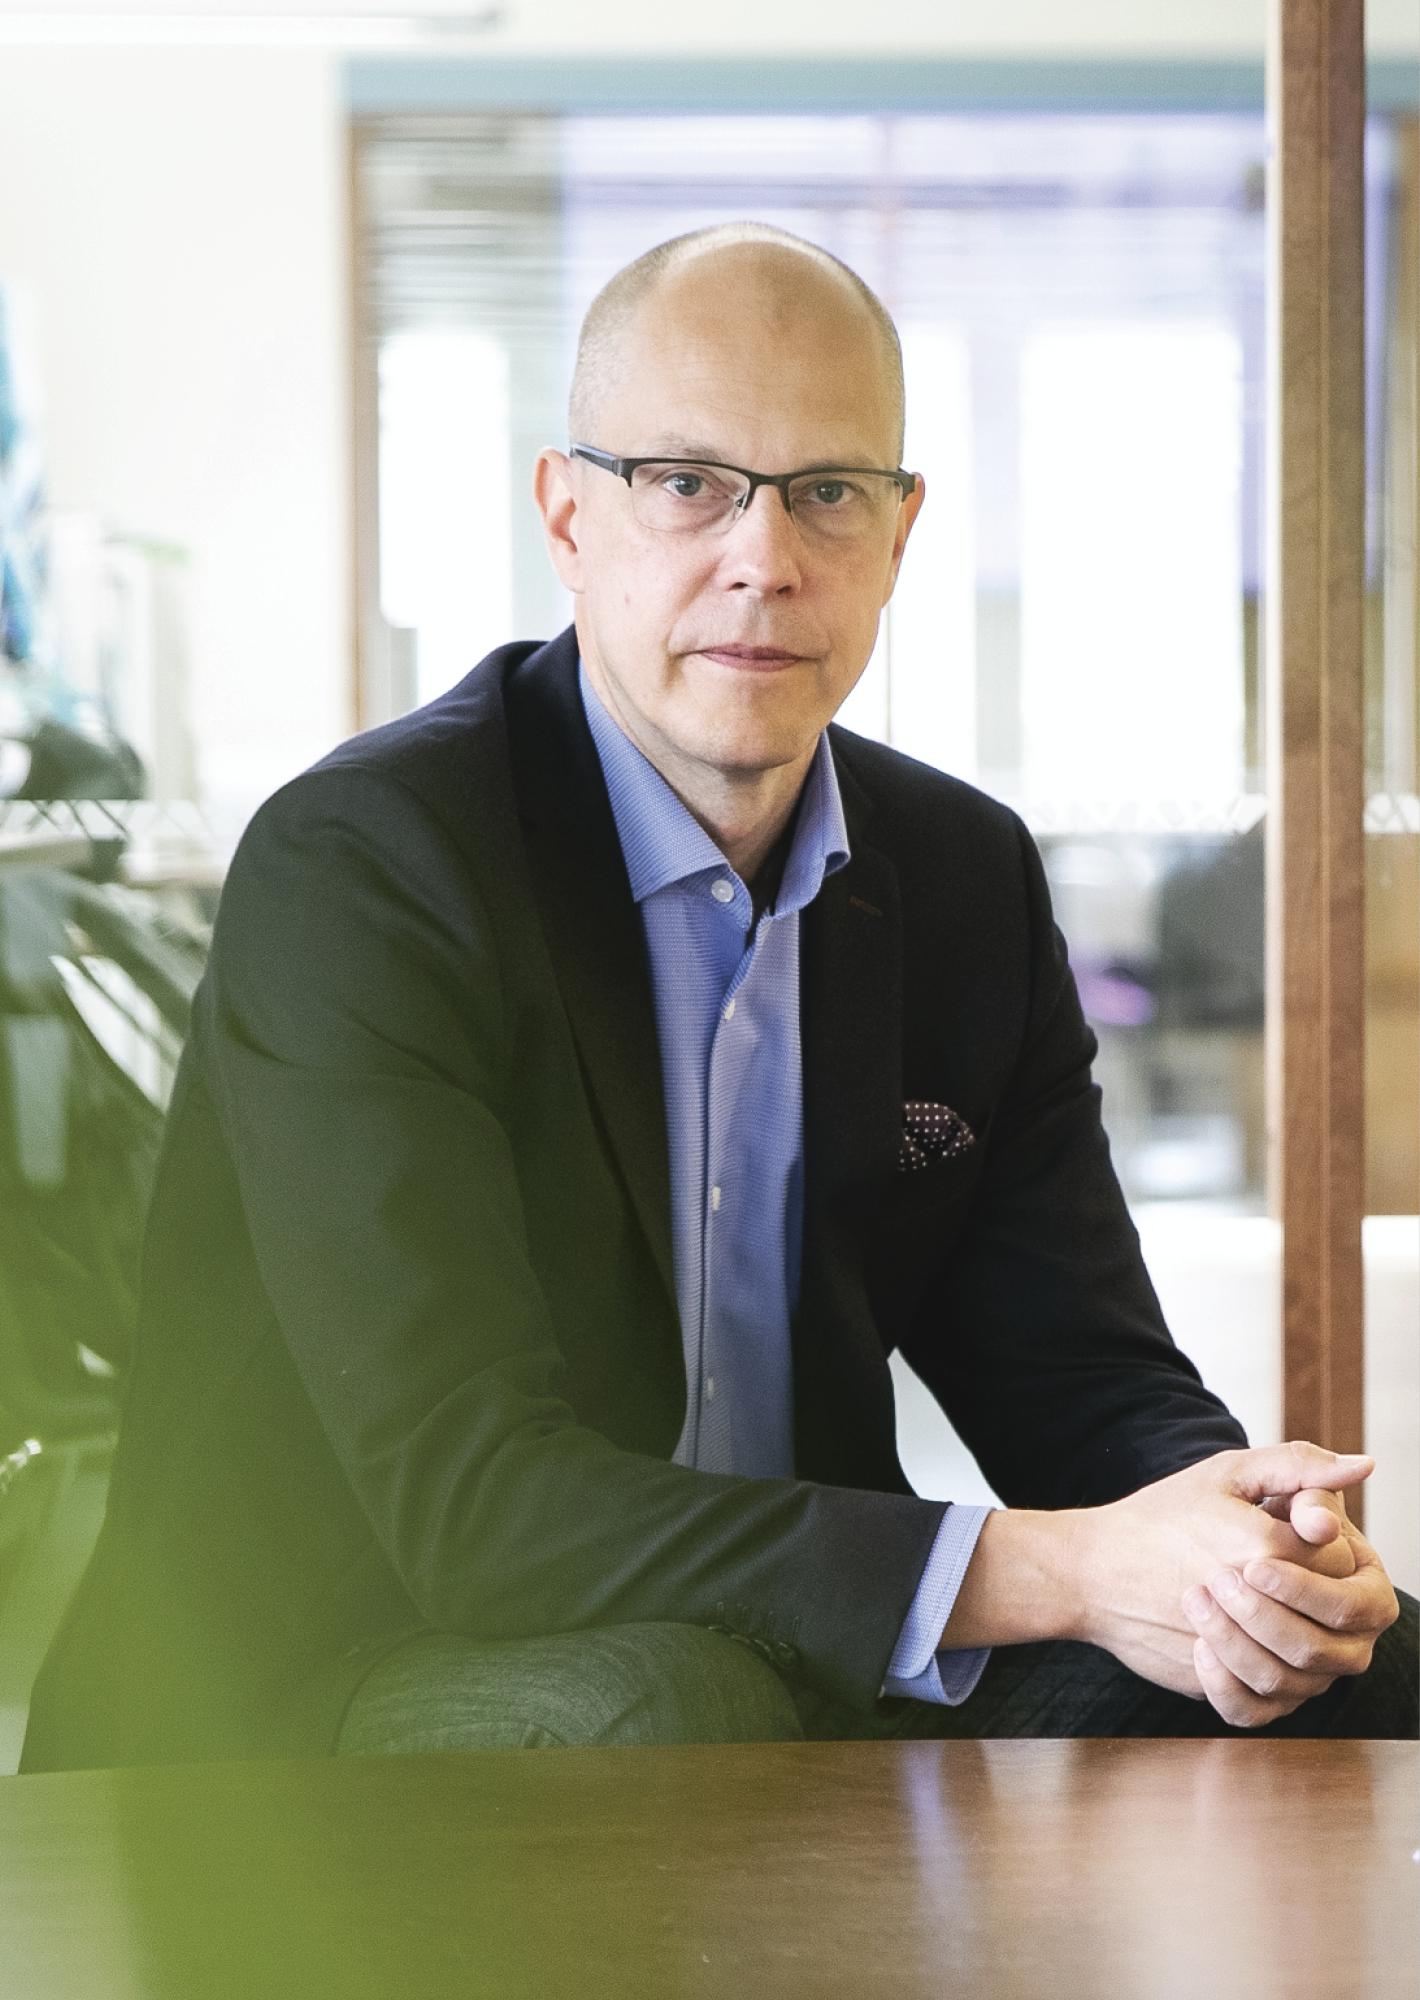 – Hyvää uudessa työaikalaissa on se, että työaikalakia sovelletaan jatkossa myös etätyöhön, YTN:n puheenjohtaja Teemu Hankamäki toteaa.